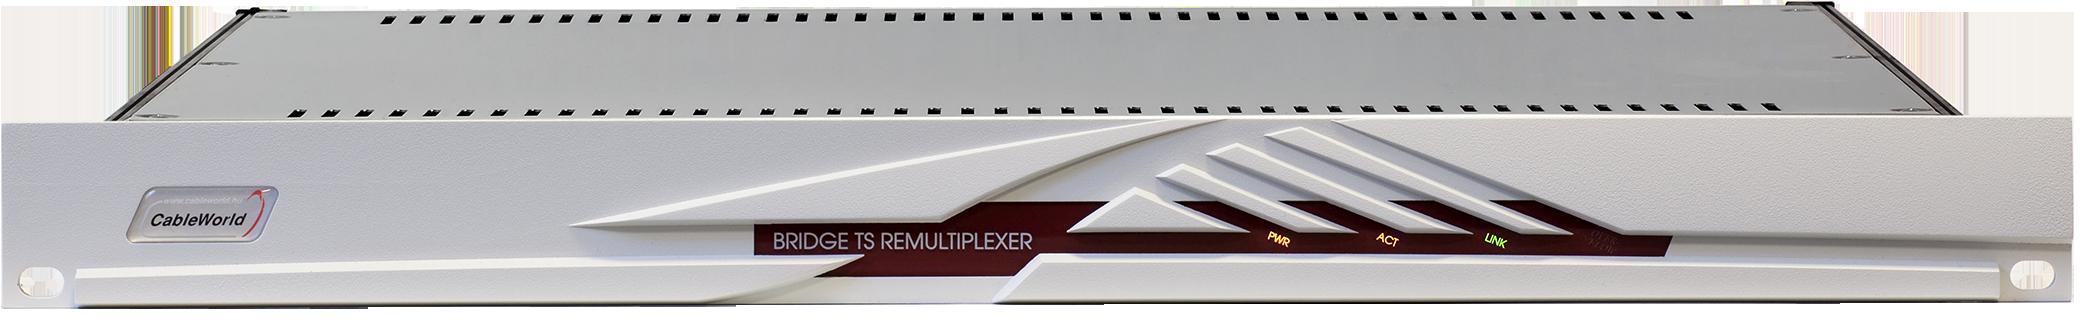 Bridge Remultiplexer